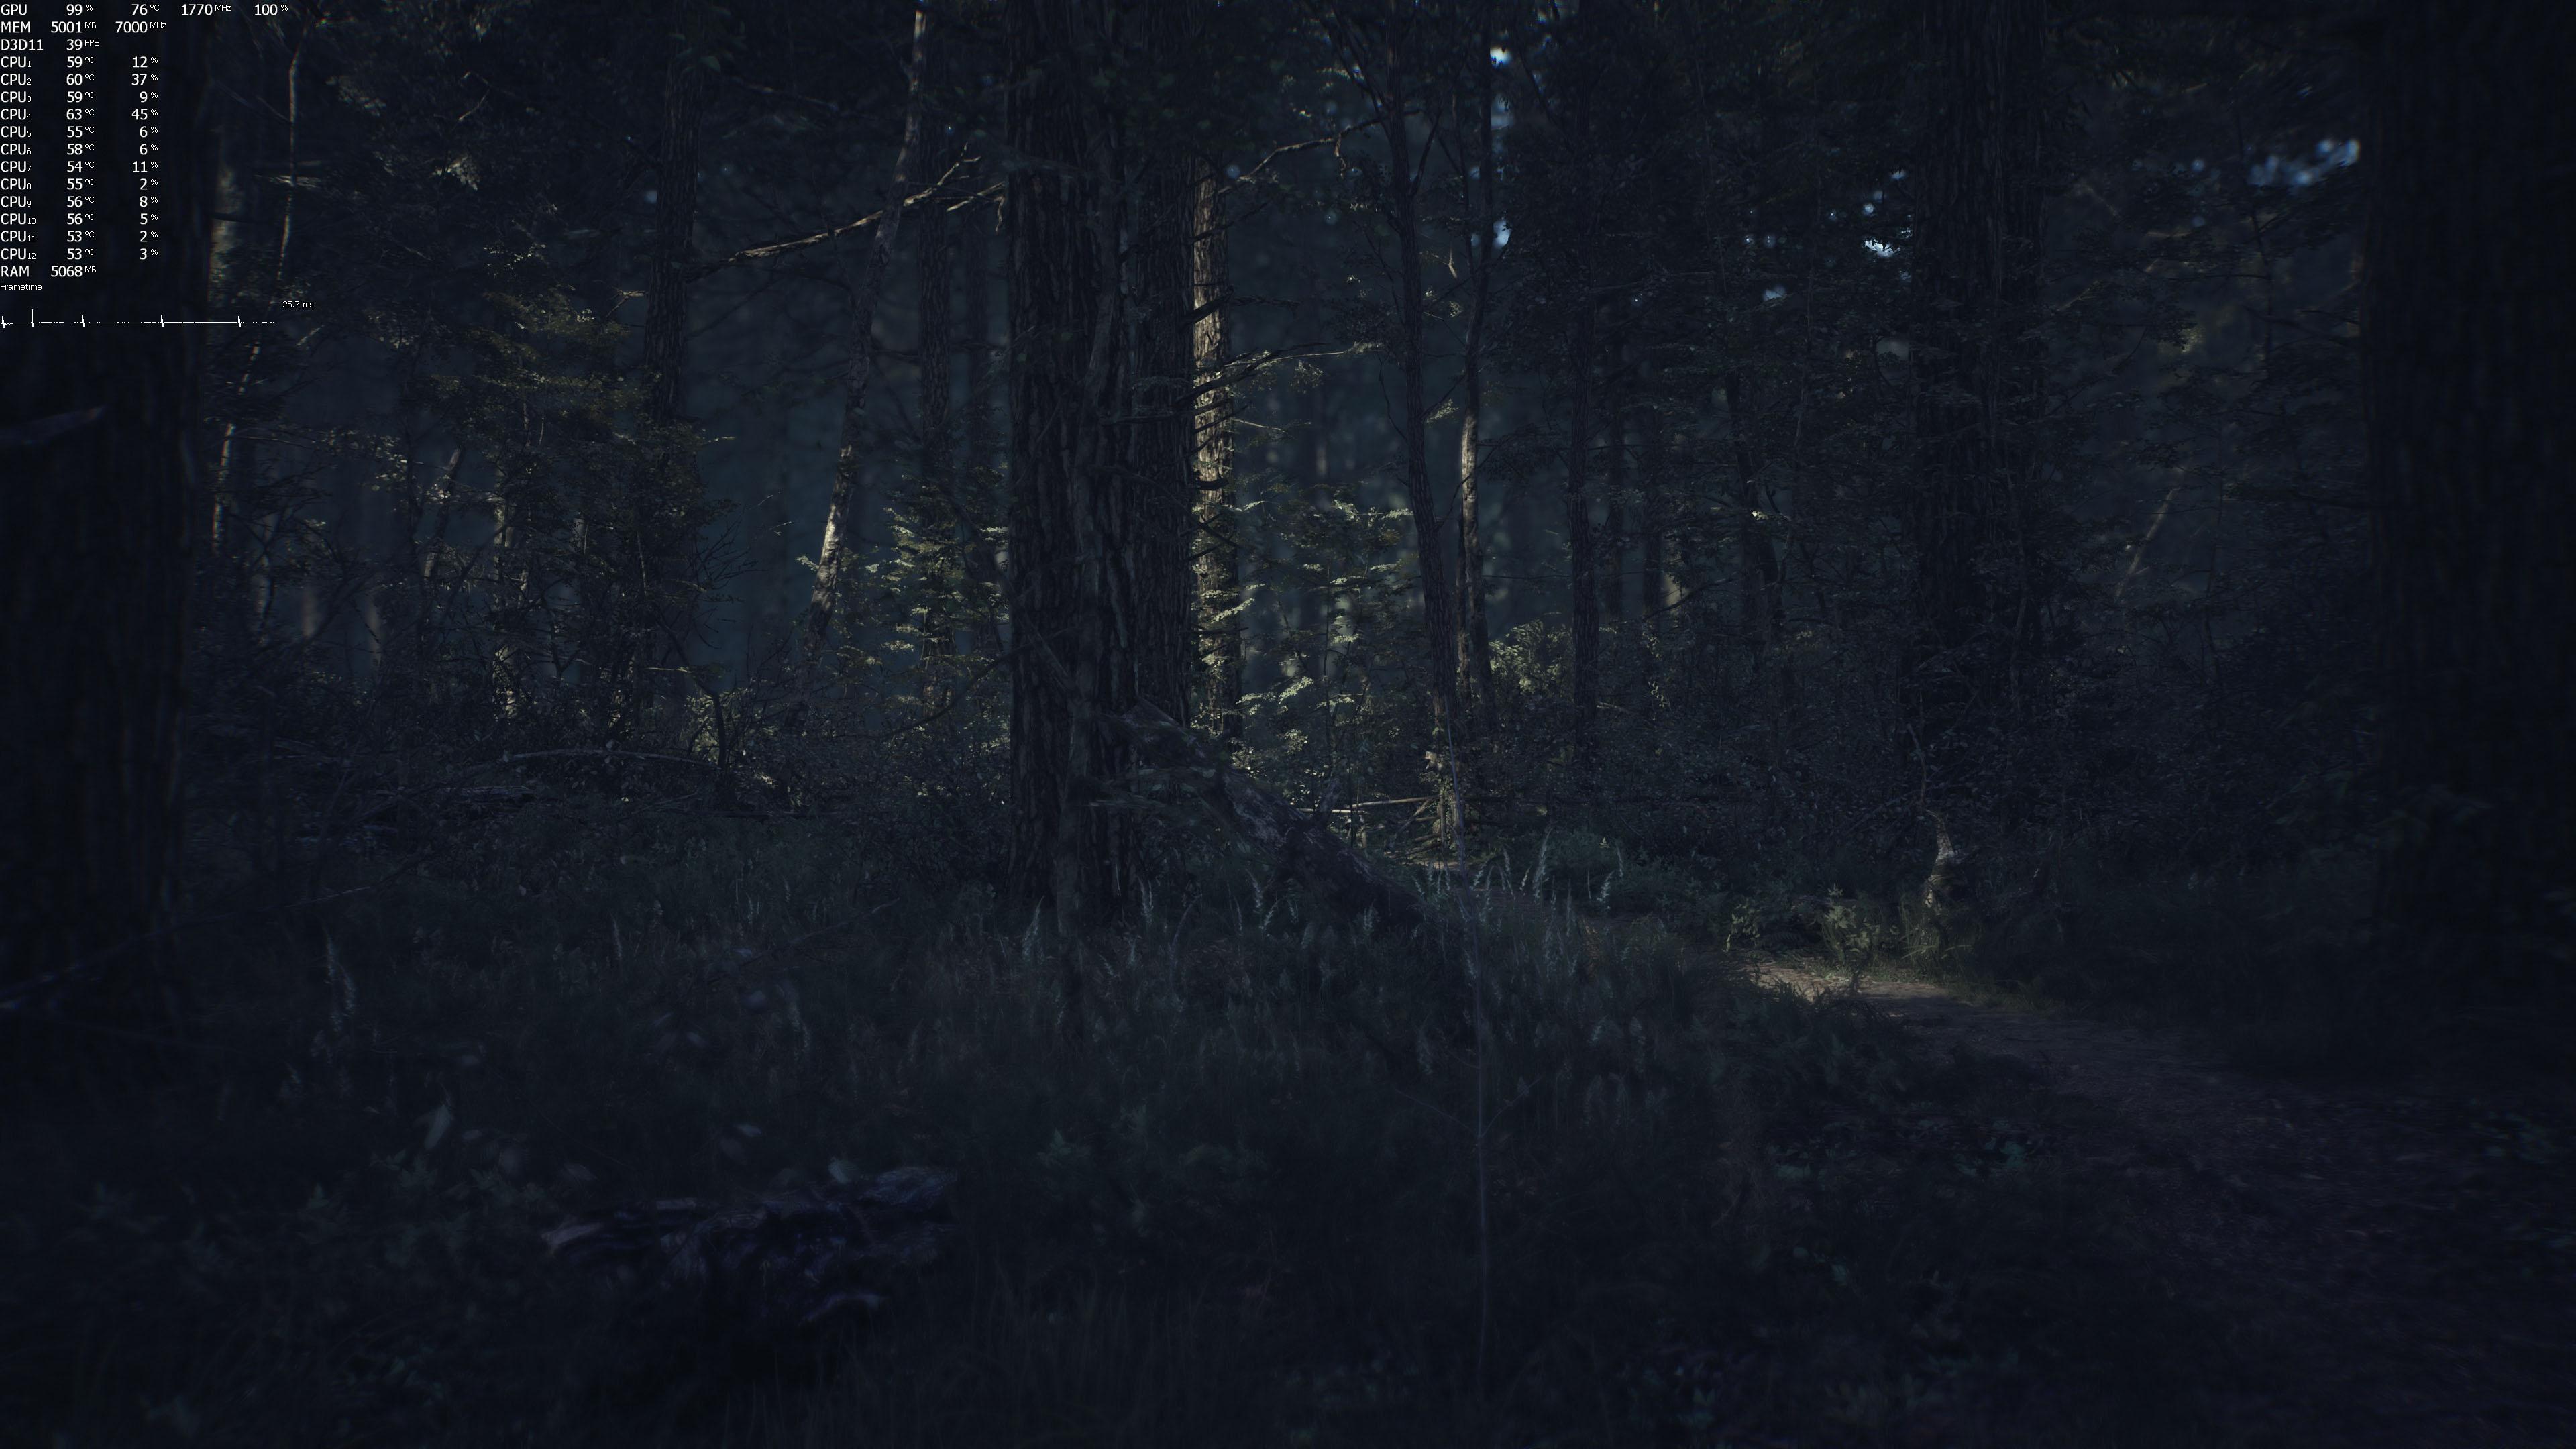 《布莱尔女巫》优化太差 玩家反应2060只有50帧